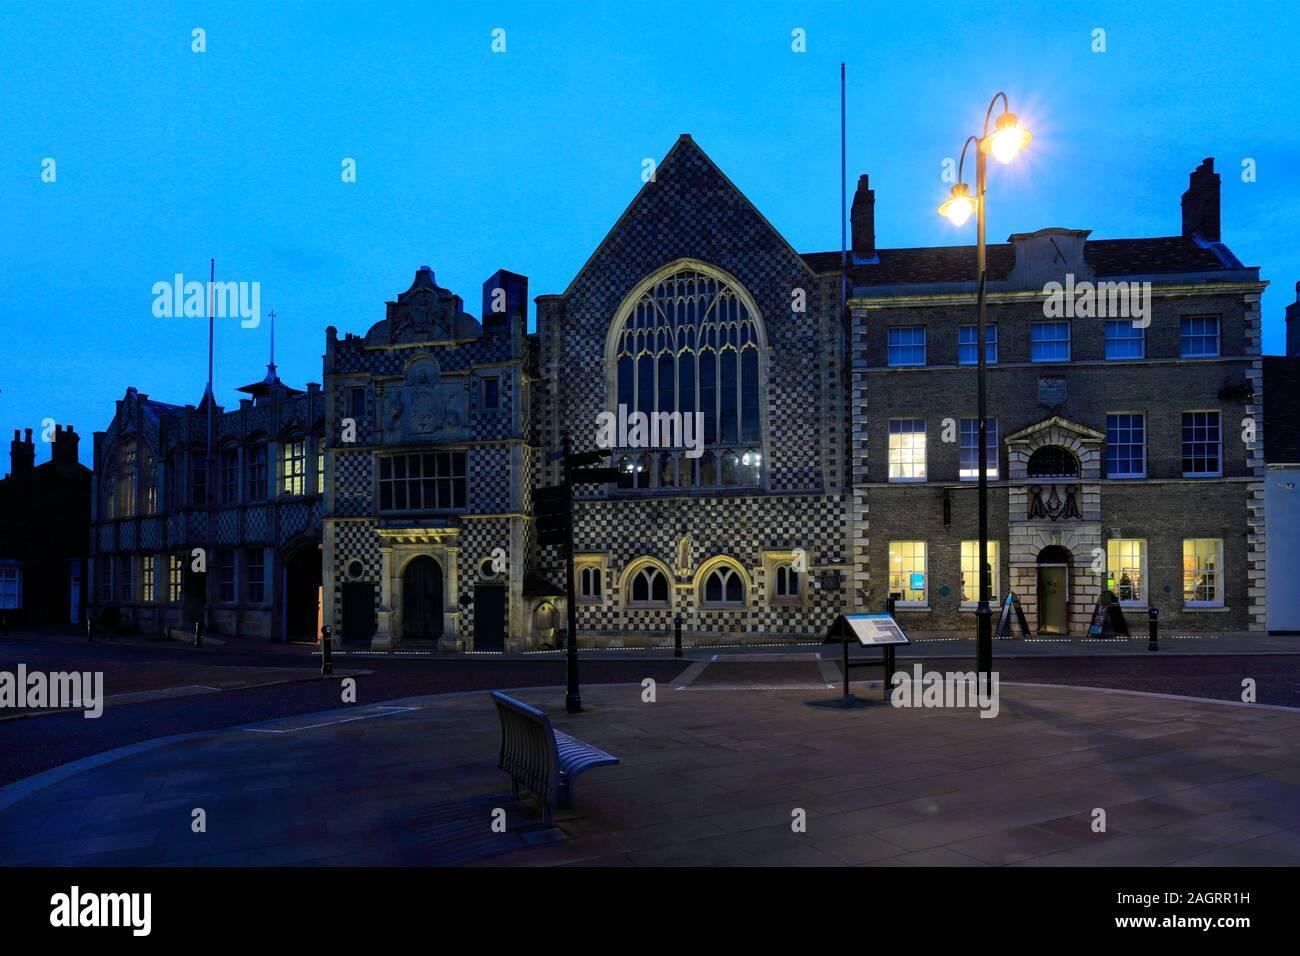 L'extérieur de l'hôtel de ville et la Trinity Guildhall, Kings Lynn, Norfolk, England, UK Banque D'Images